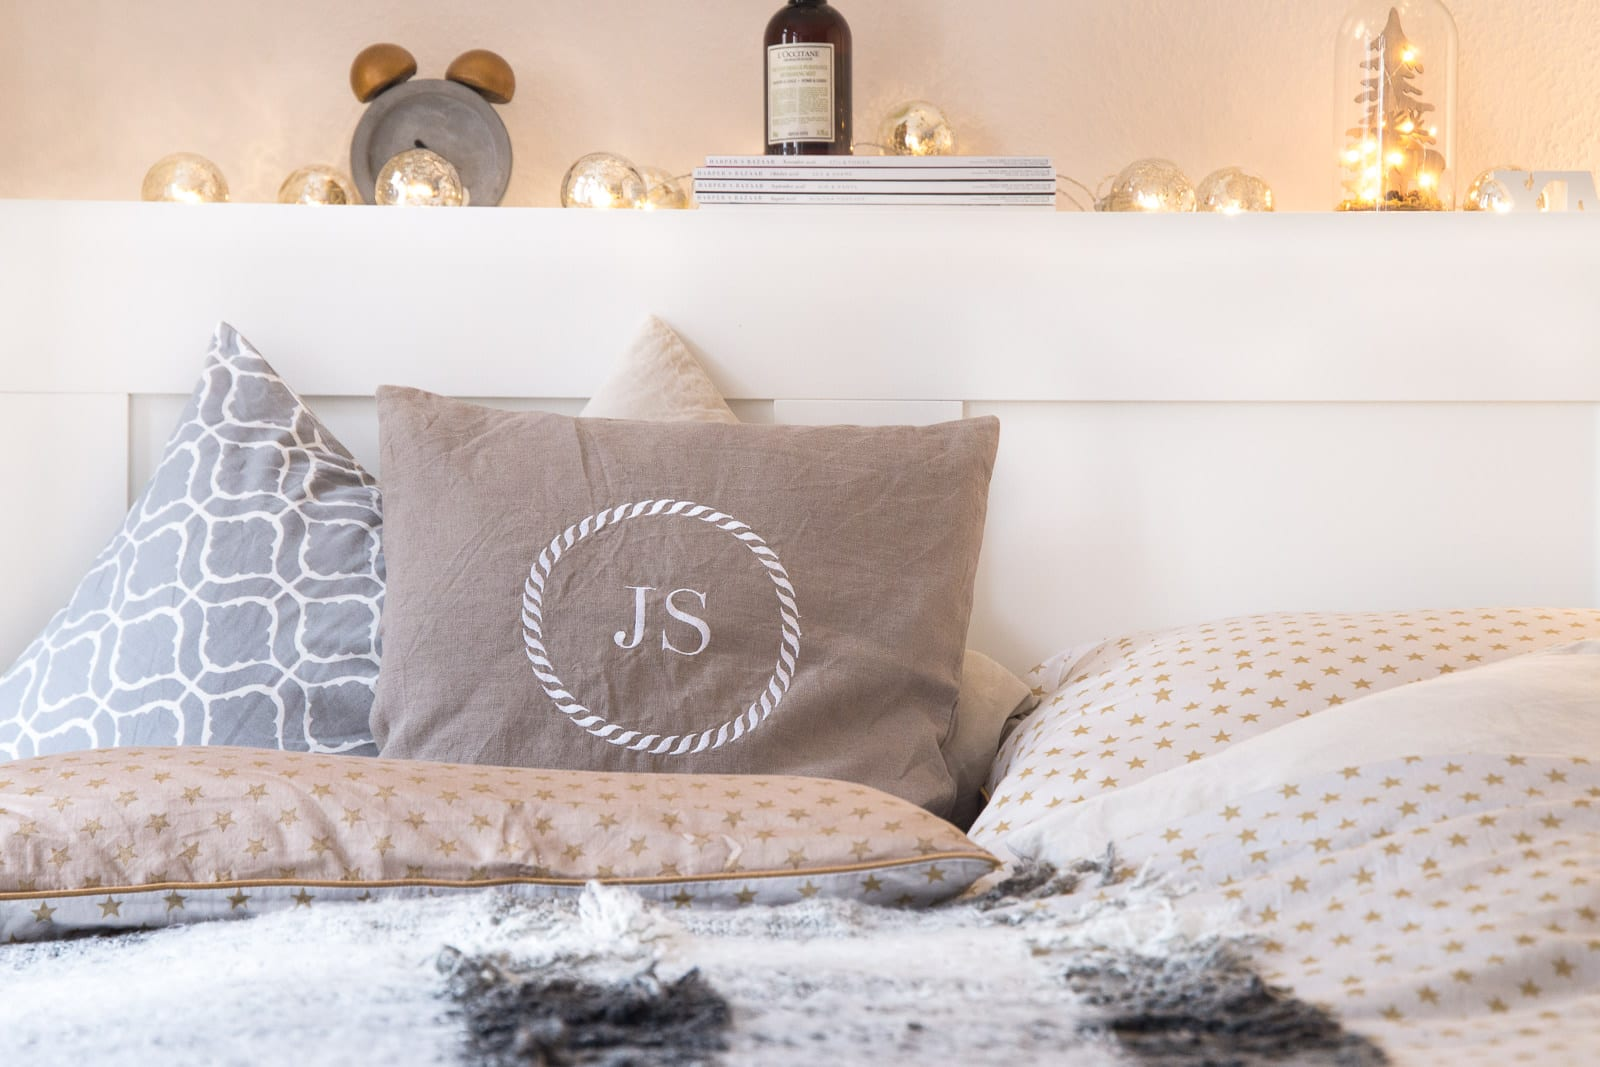 Schlafzimmer Interior Update: 5 Tipps für ein gemütliches ...